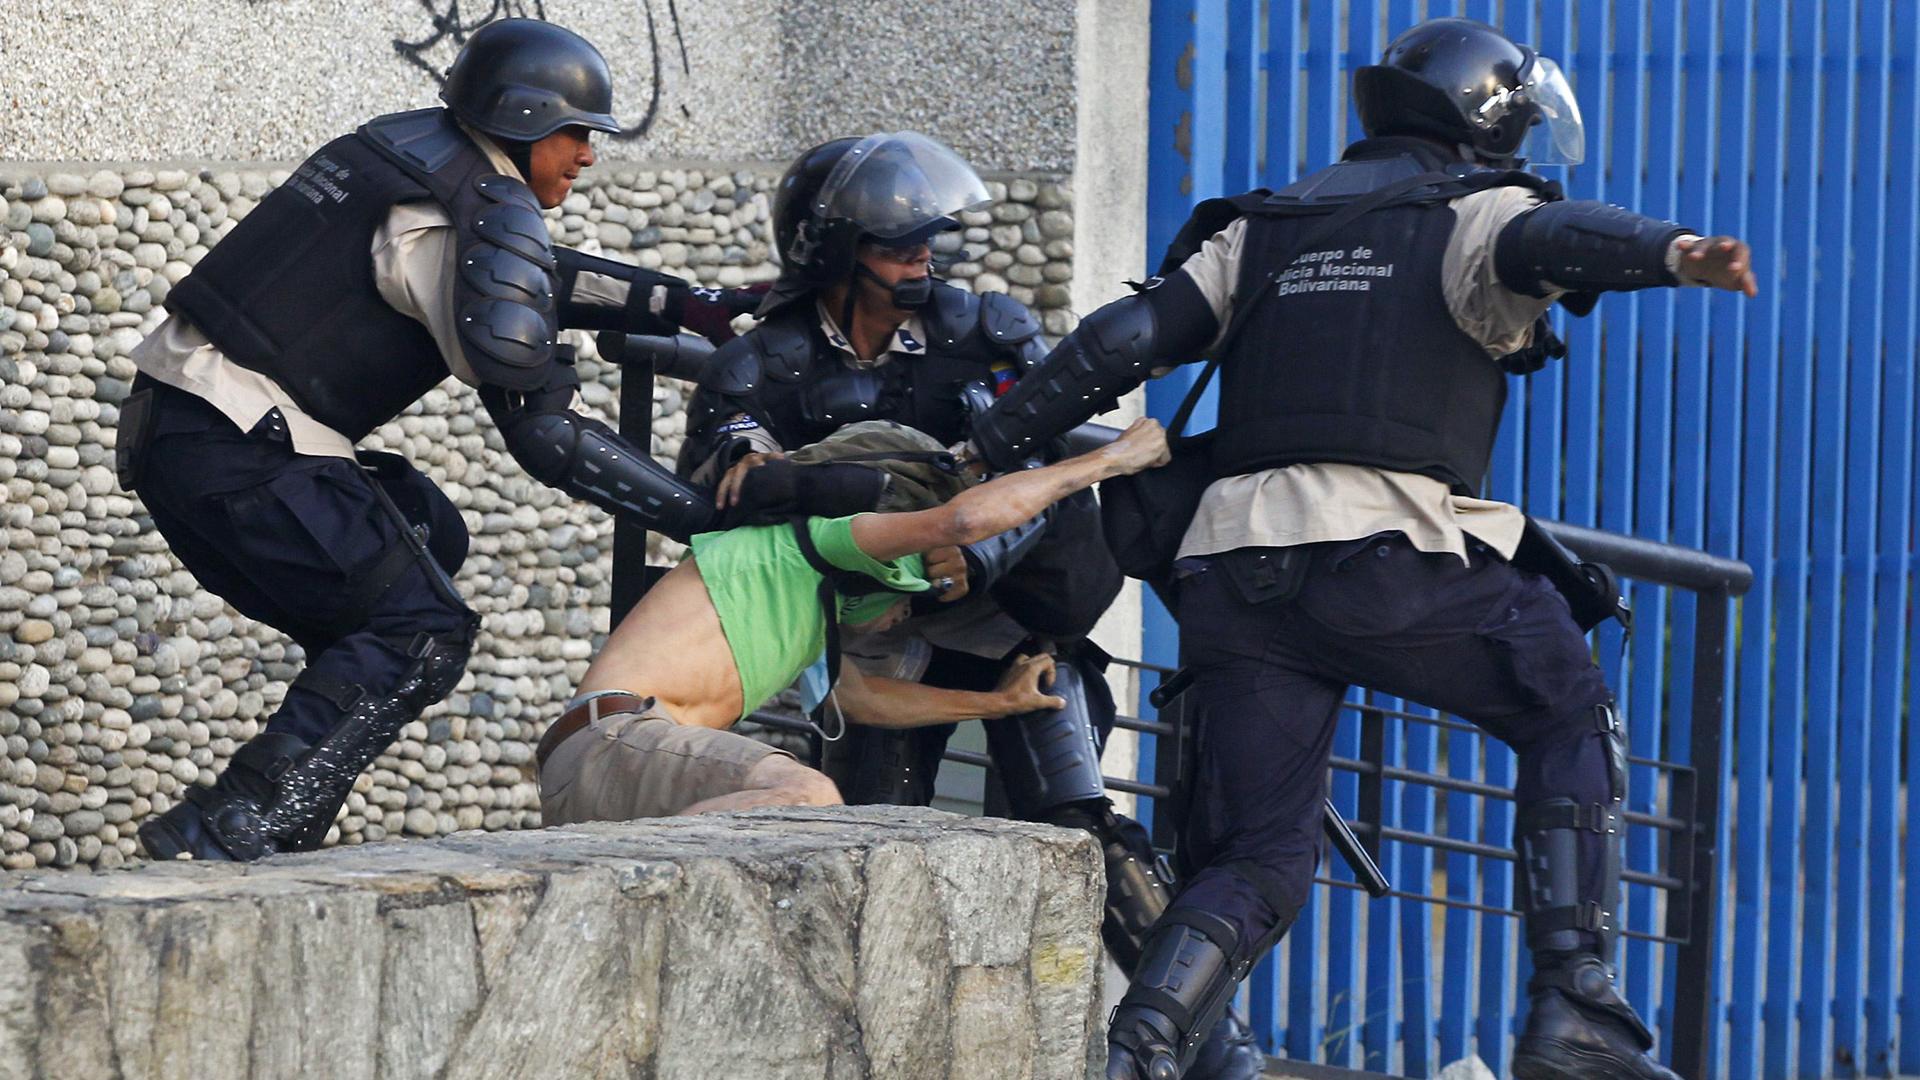 La Policía chavista se lleva detenida a una persona en una manifestación contra el régimen (Reuters)